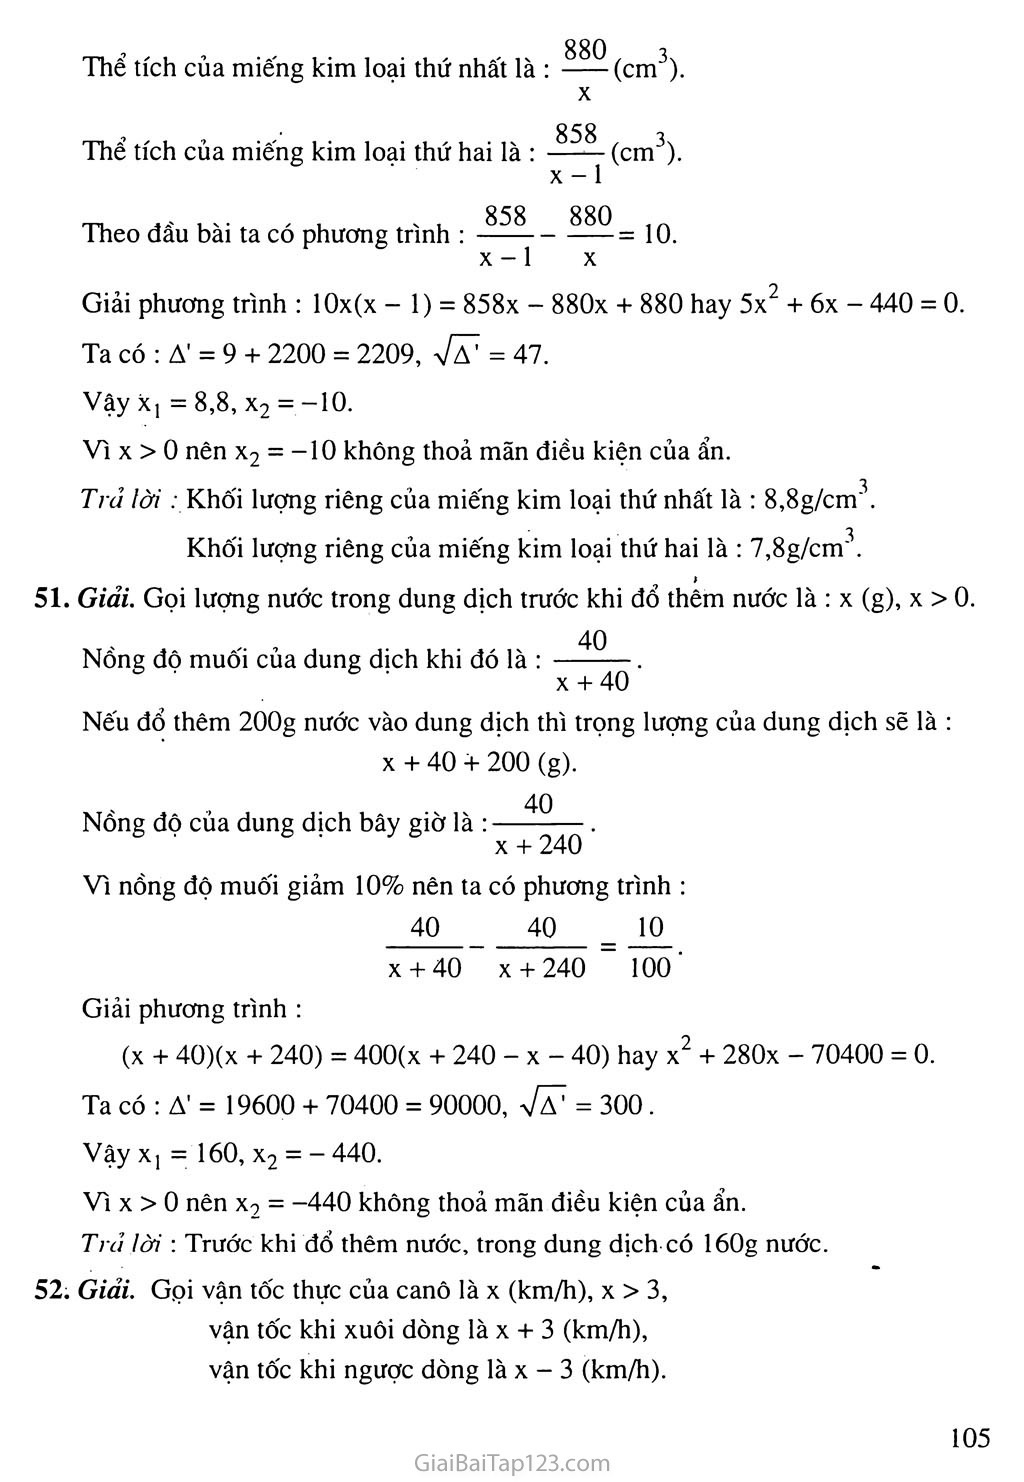 Bài 8. Giải bài toán bằng cách lập phương trình trang 7